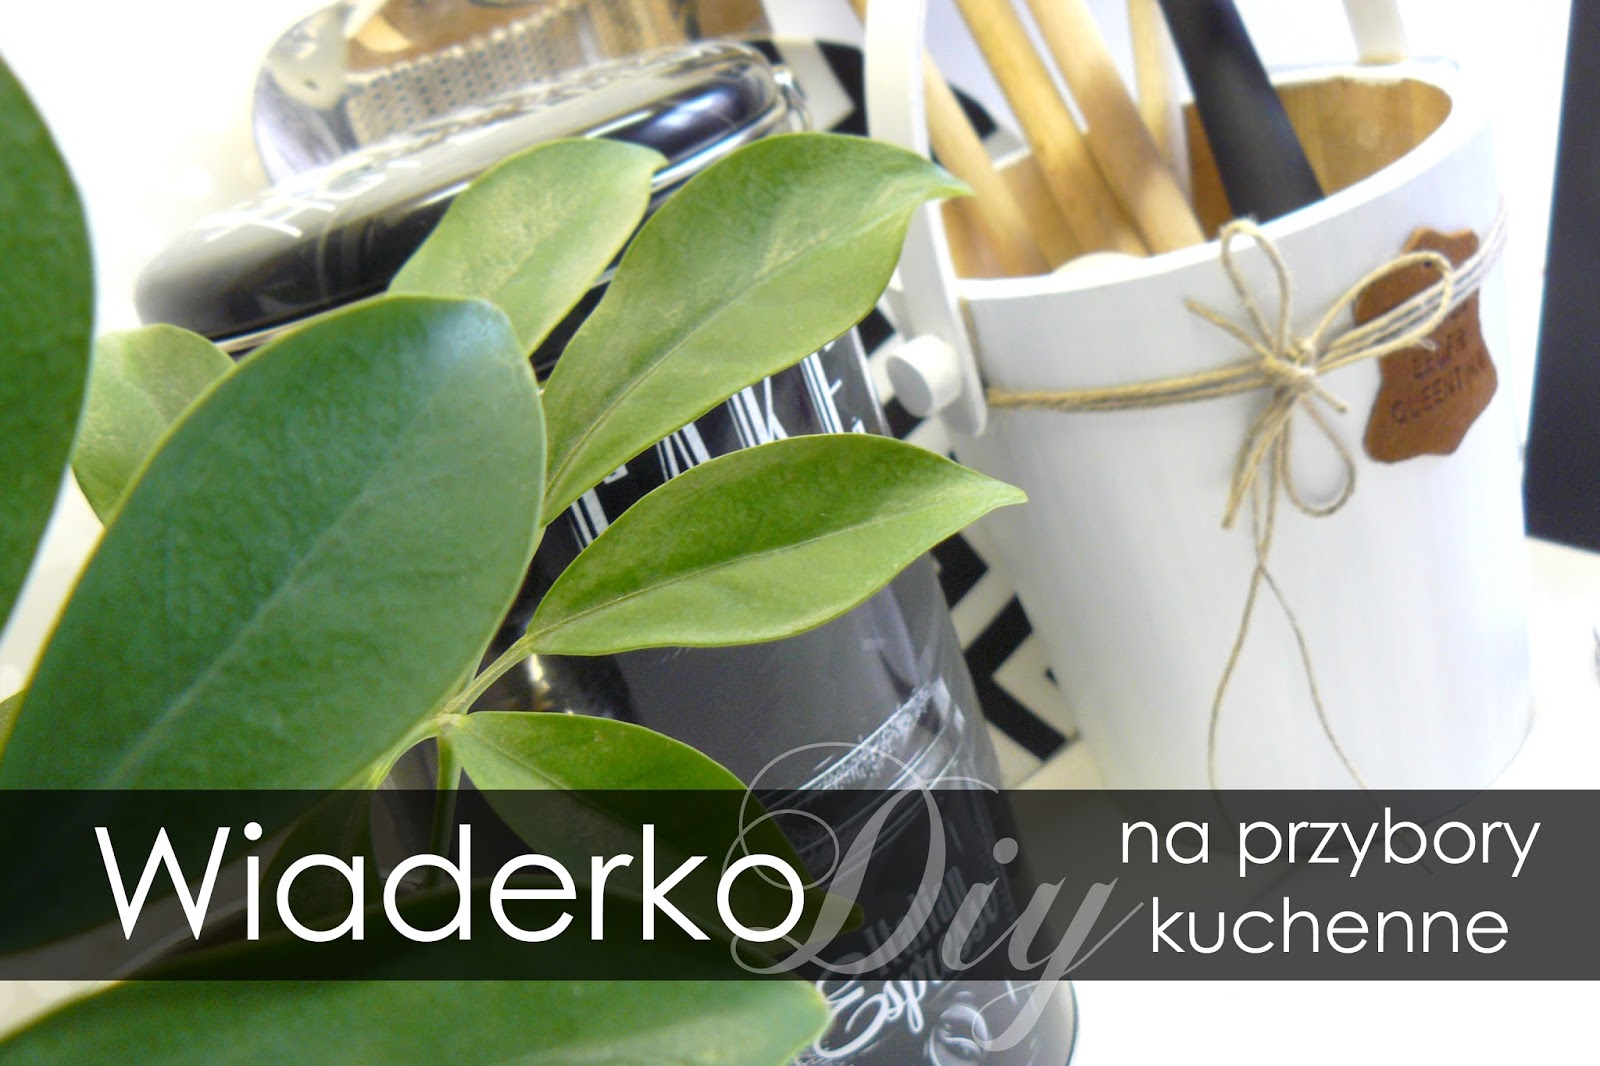 http://babaprzemieniamaterie.blogspot.com/2016/03/wiaderko-na-przybory-kuchenne-maa.html#more